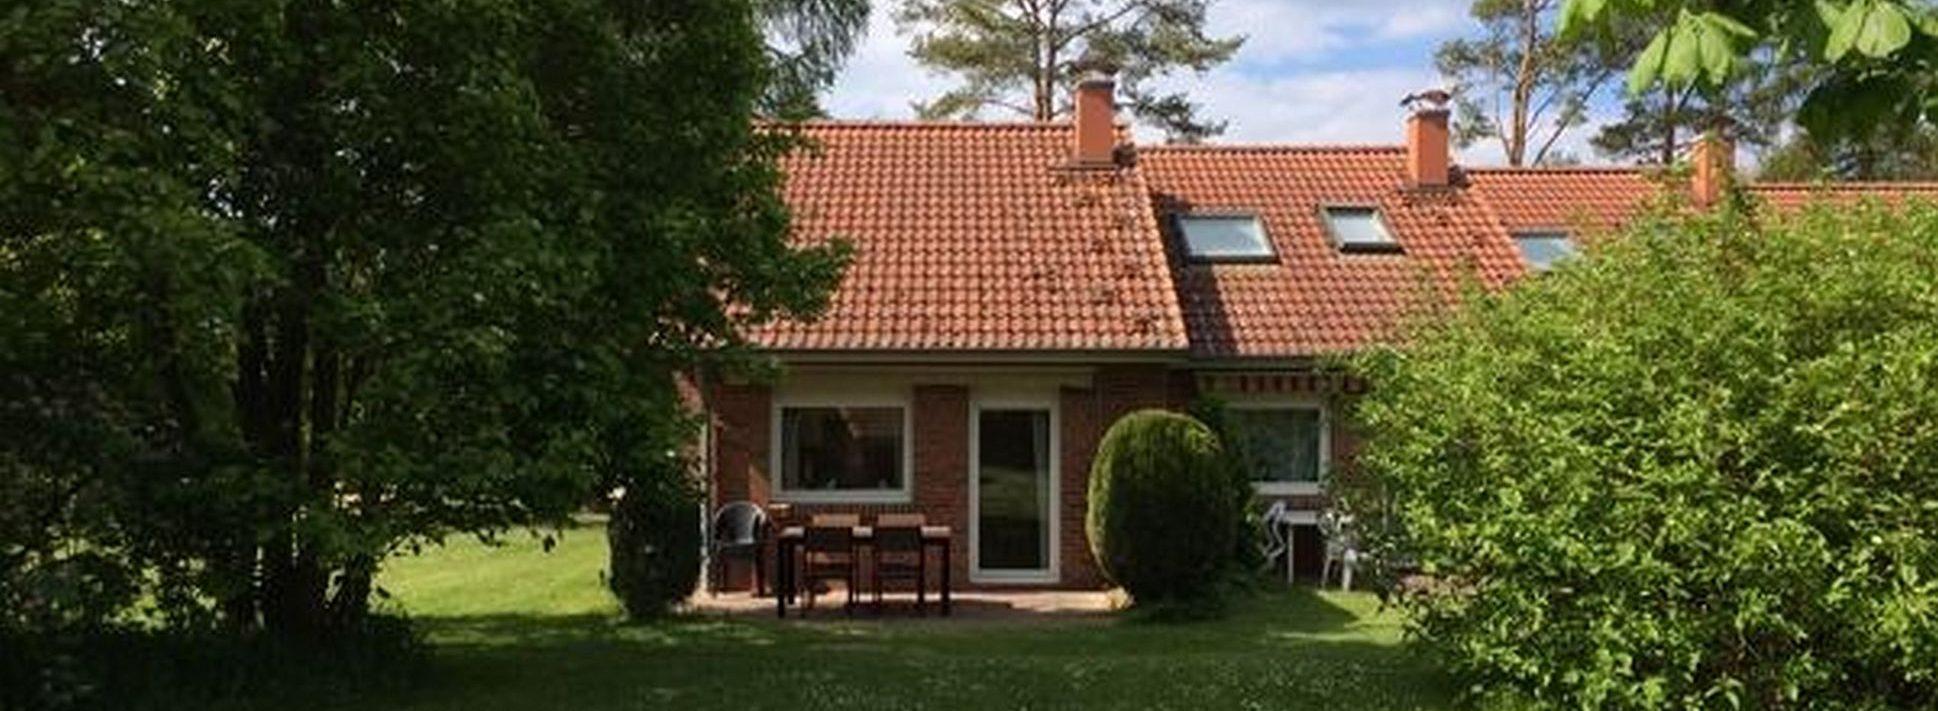 Ferienhaus Gieseke im Ostseebad Boltenhagen